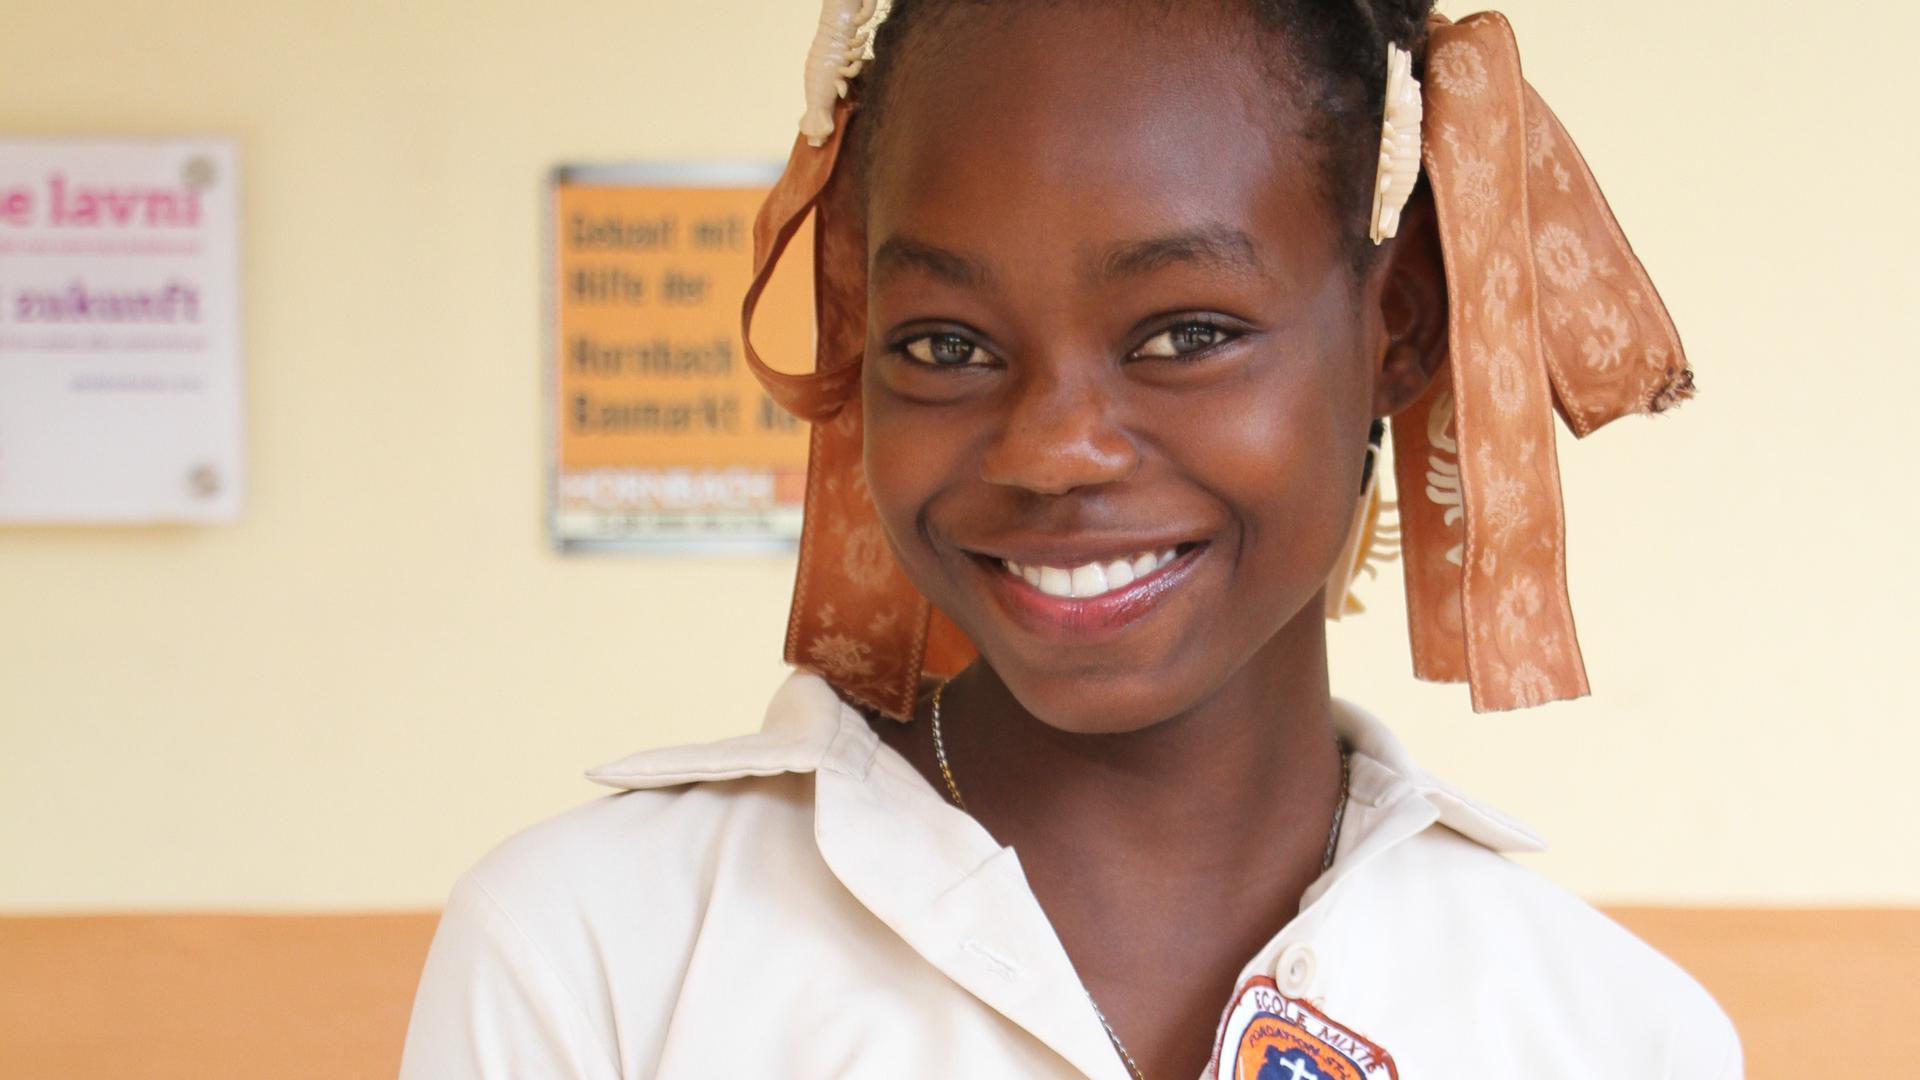 Labady Rutchina besucht derzeit die achte Klasse der St. André Schule. Später möchte sie gerne als Krankenschwester arbeiten.